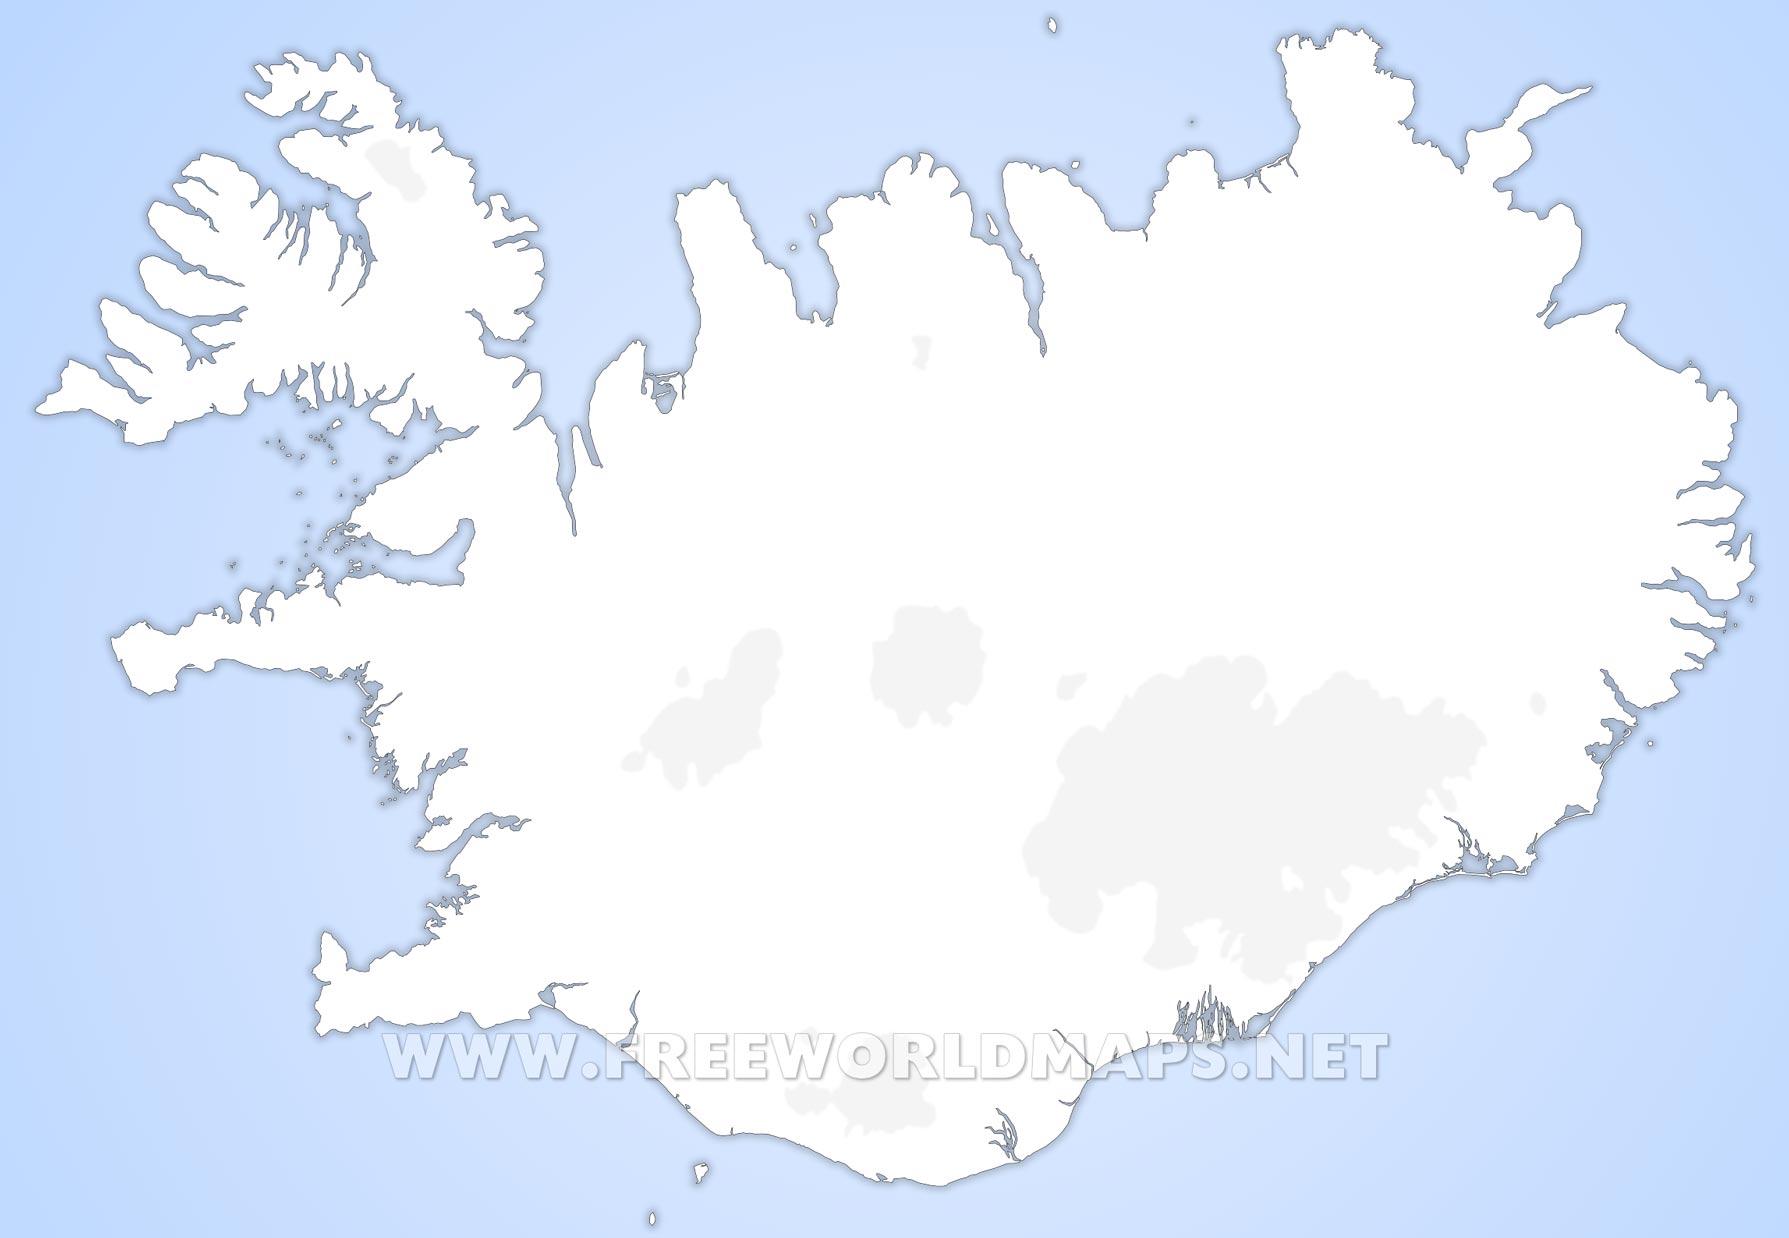 Iceland Political Map on western samoa world map, kazakhstan world map, panama world map, faroe islands, lesotho world map, sri lanka world map, united kingdom, new zealand, japan world map, indonesia world map, ireland world map, antartica world map, scotland world map, germany world map, india world map, british isles world map, cape verde world map, south korea world map, austria world map, guam world map, ceylon world map, norway world map, haiti world map,